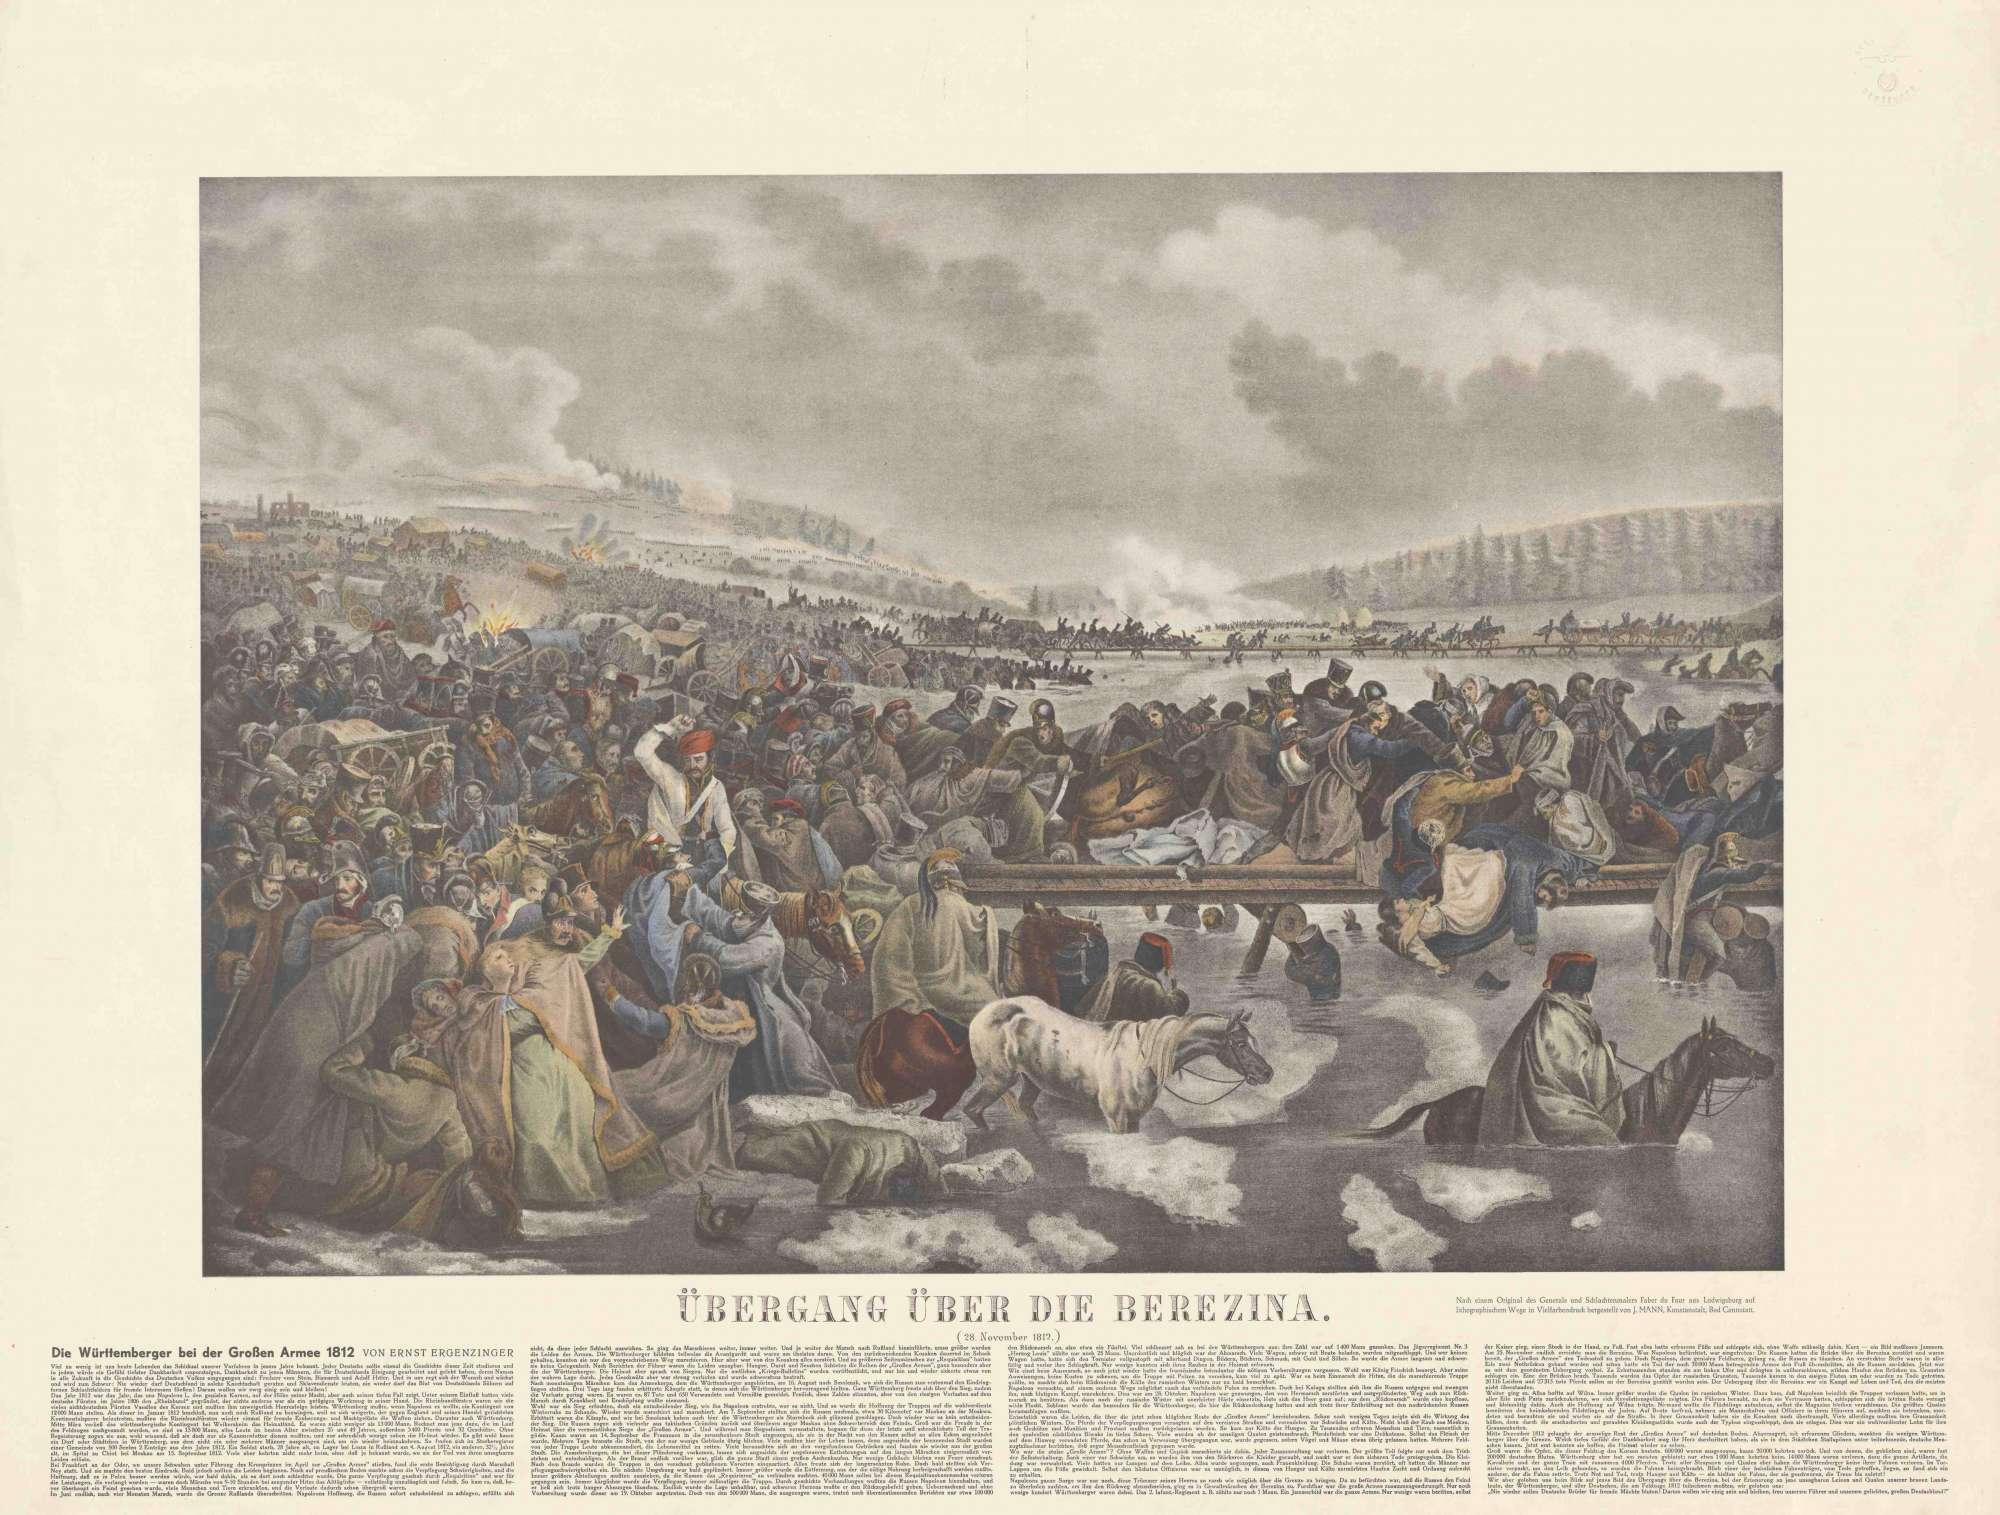 Truppen der Grande Armée Kaiser Napoleons I. überqueren auf ihrem Rückzug aus Russland die Beresina vom 26.-29.11.1812: Geschützgespanne, Infanterie und Kavallerie in dichtem Gedränge auf Pionierbrücke, Verluste bei Sturz in eisiges Wasser, Bild 1